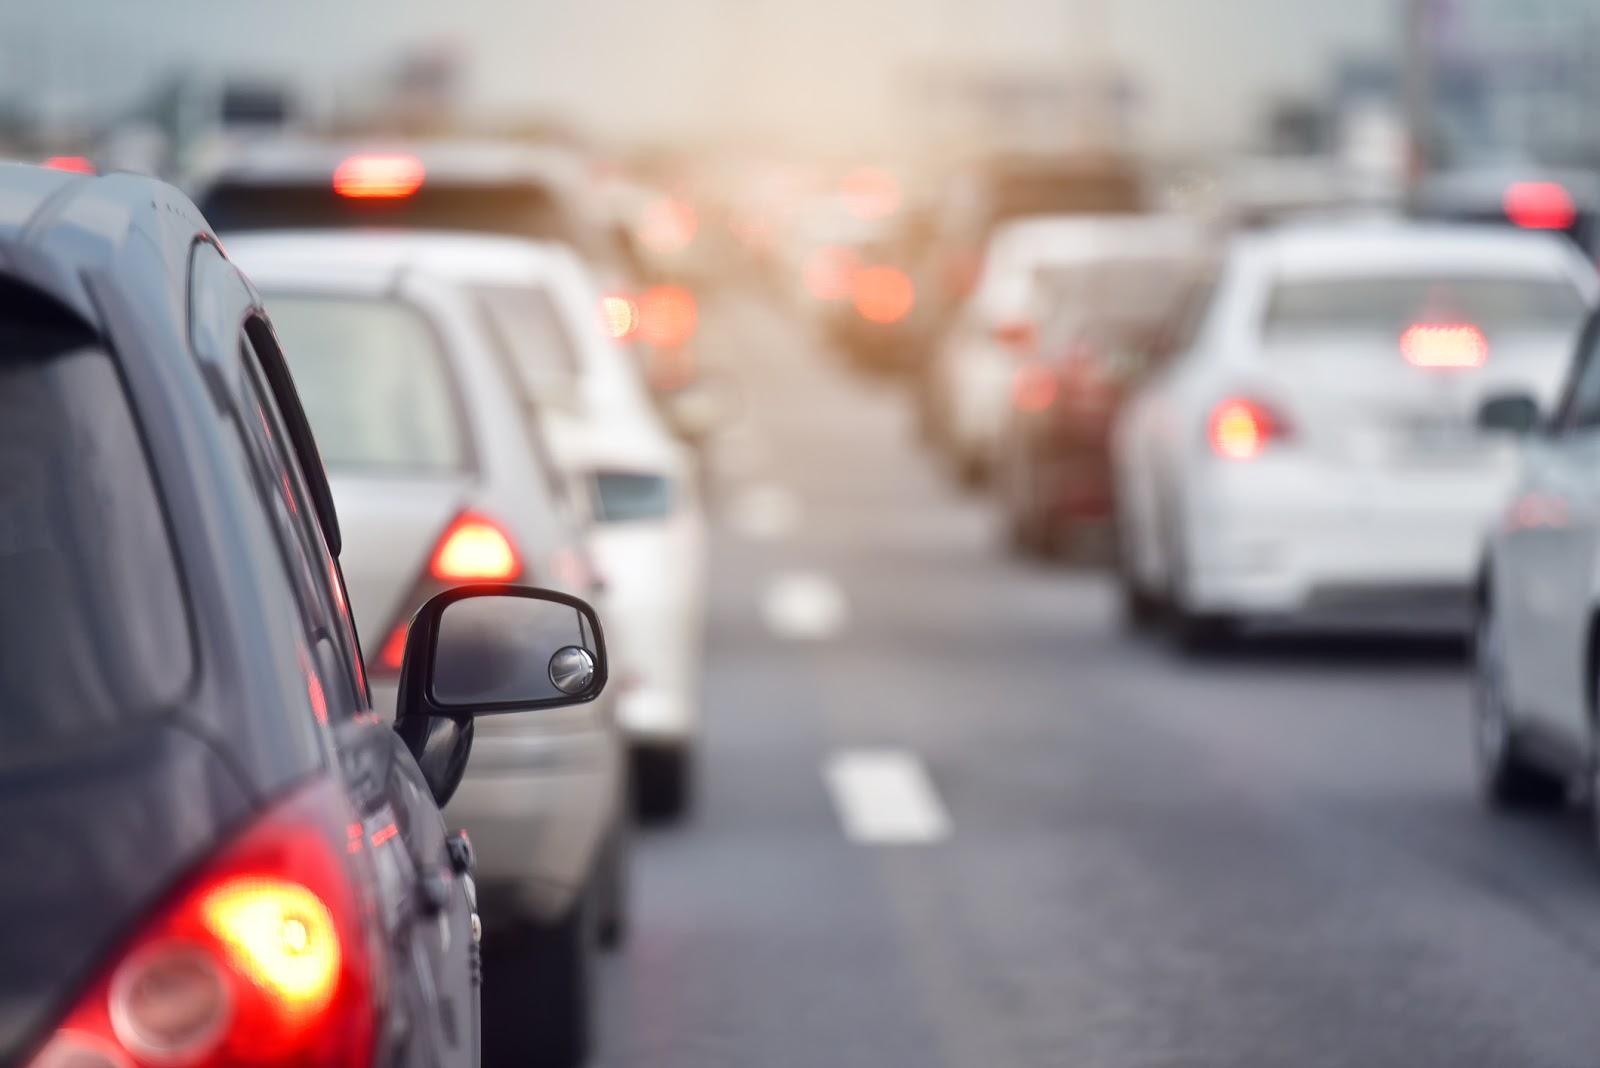 Inician las posadas y aumentan los accidentes de tránsito. ¿Cómo protegerse?